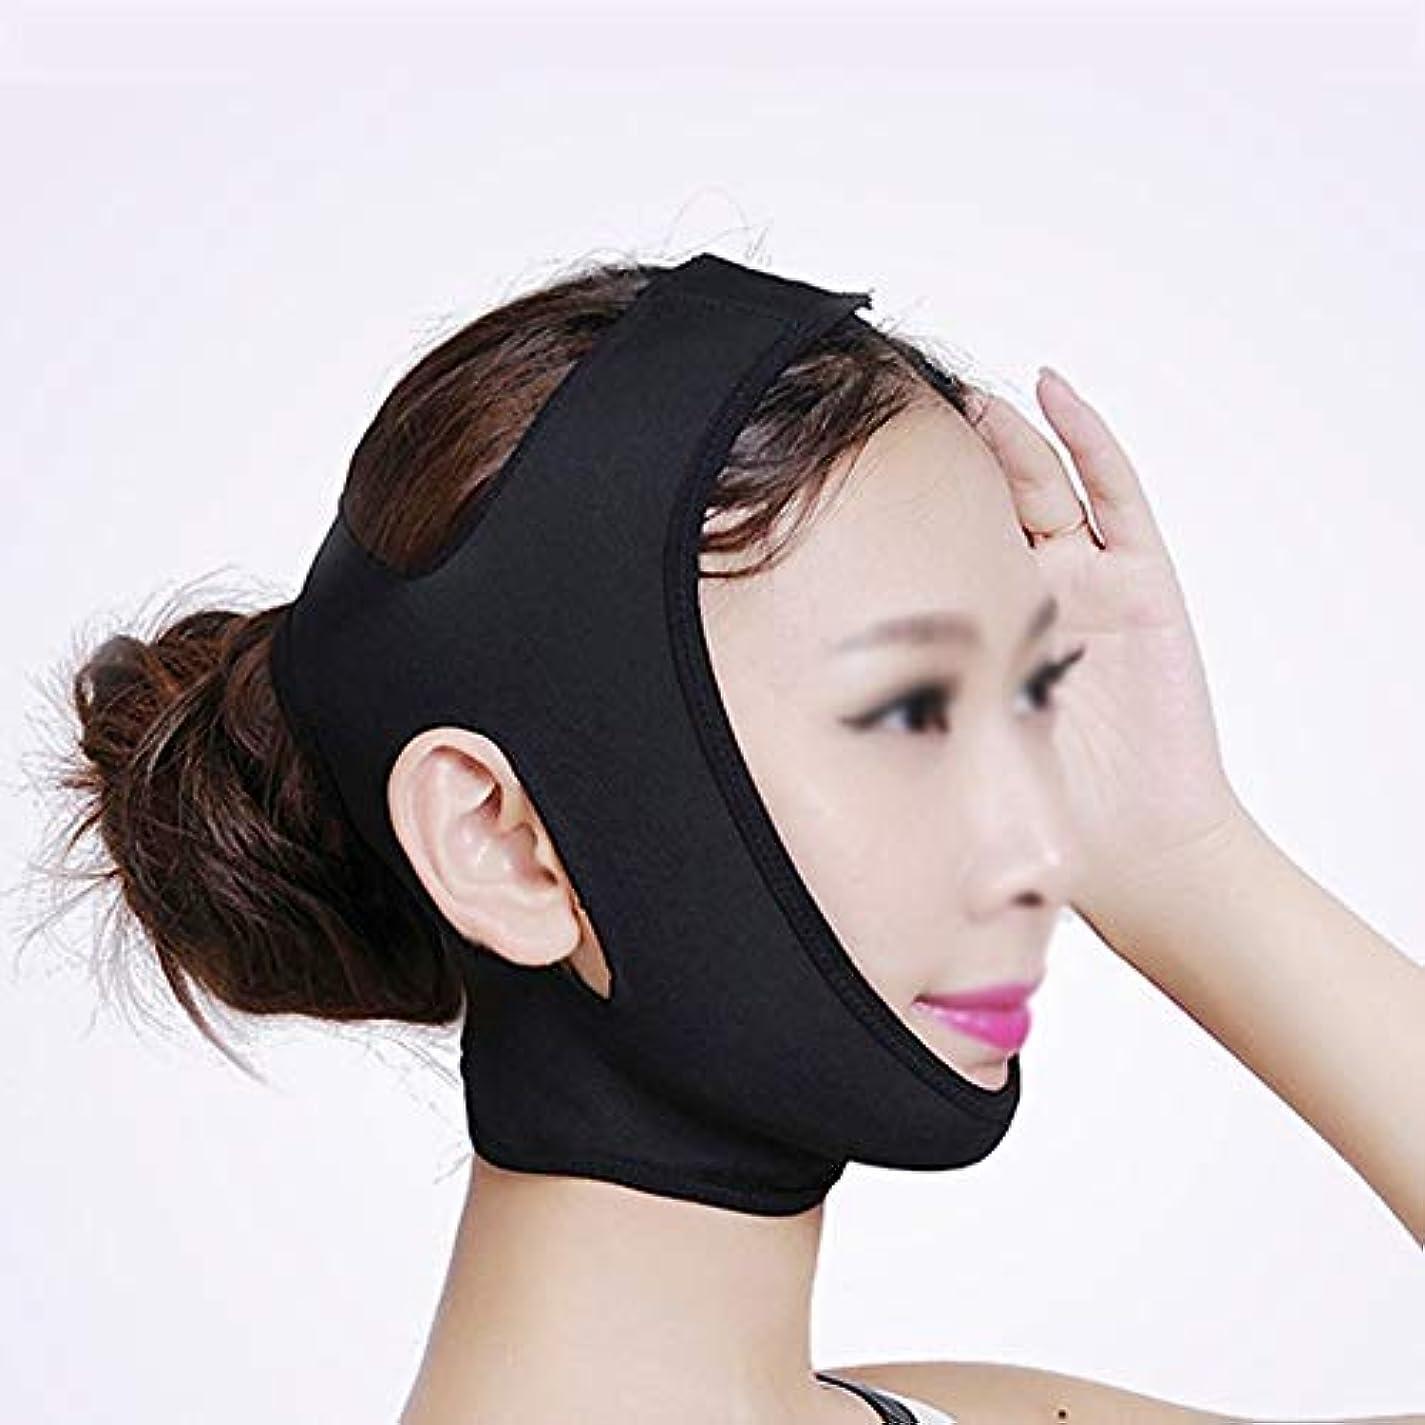 落とし穴アルバニー判読できないLJK 減量の包帯、顔の持ち上がる包帯、二重あごを減らすために持ち上がるベルトを取除く顔の減量のマスクの持ち上がる表面、フェイスマスク、二重あご (Color : Black, Size : S)